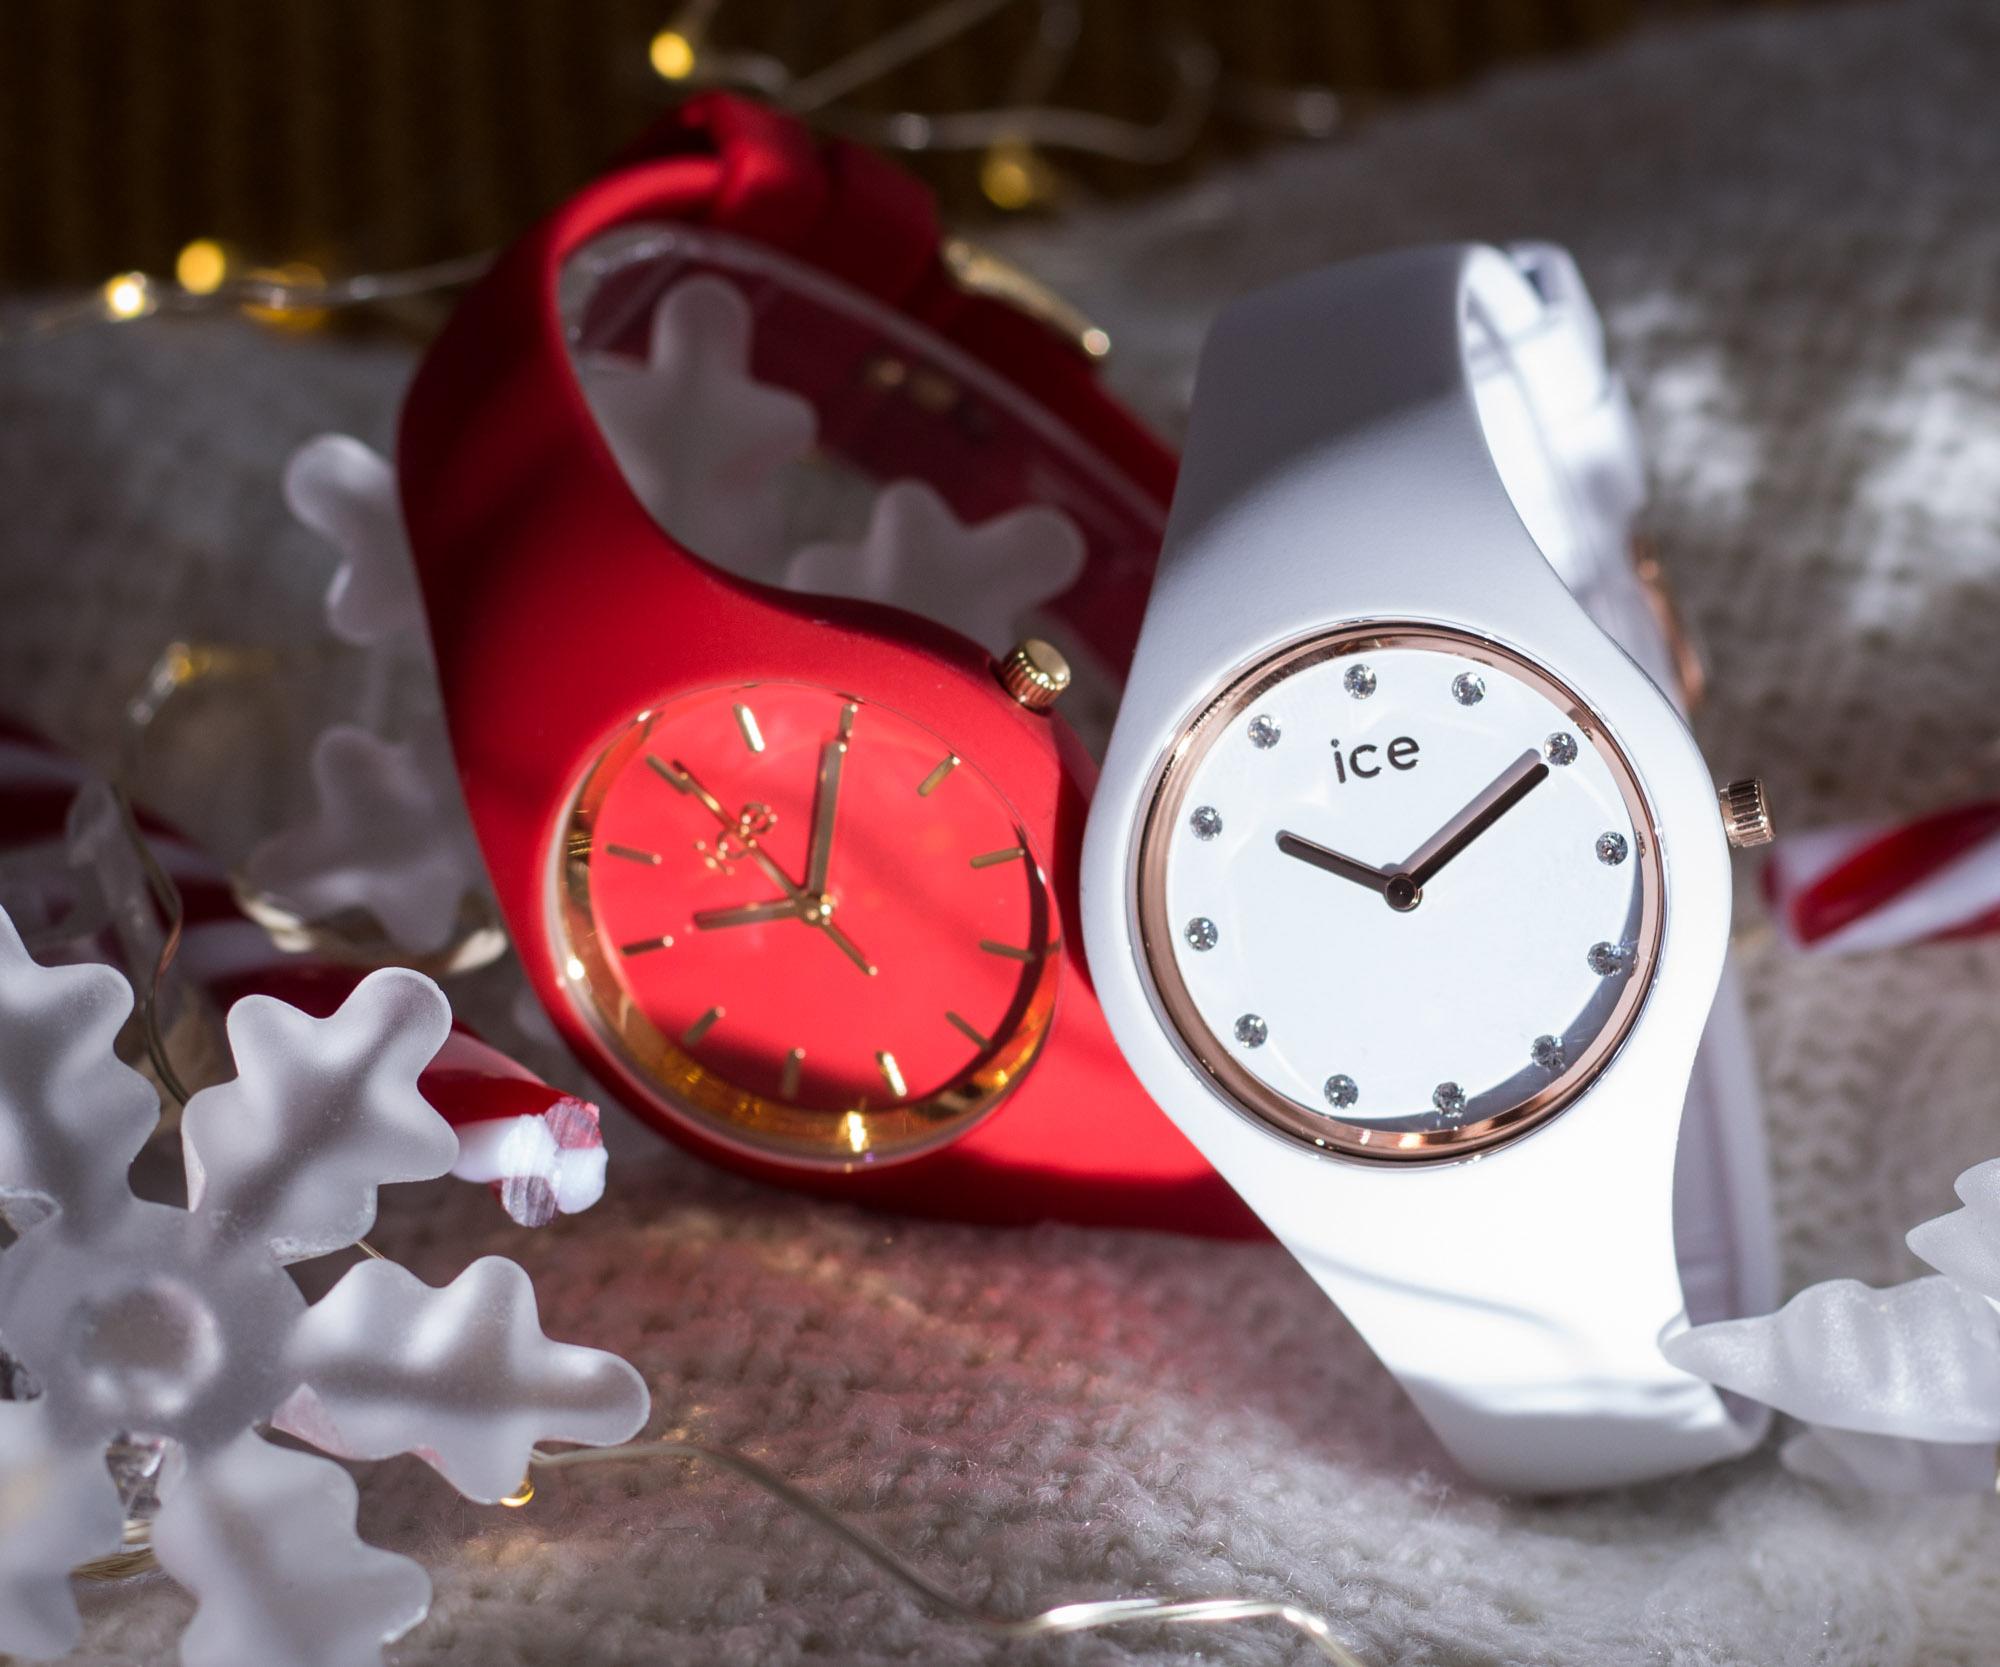 zegarki Ice Watch 016263 i 016300